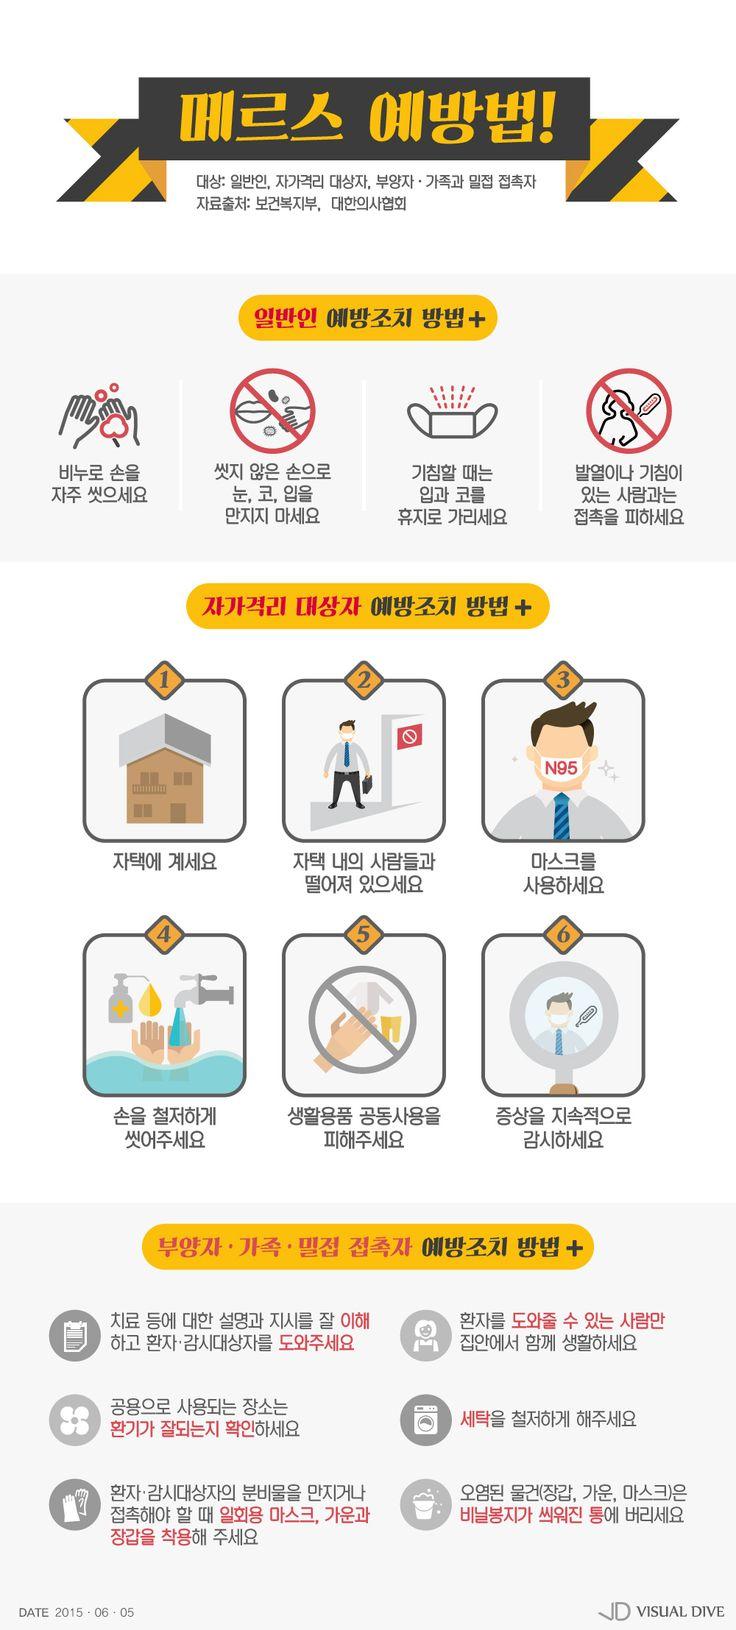 대상별 메르스 예방법, 'N95마스크 착용, 기침예절 준수'  [인포그래픽] #MERS / #Infographic ⓒ 비주얼다이브 무단 복사·전재·재배포 금지